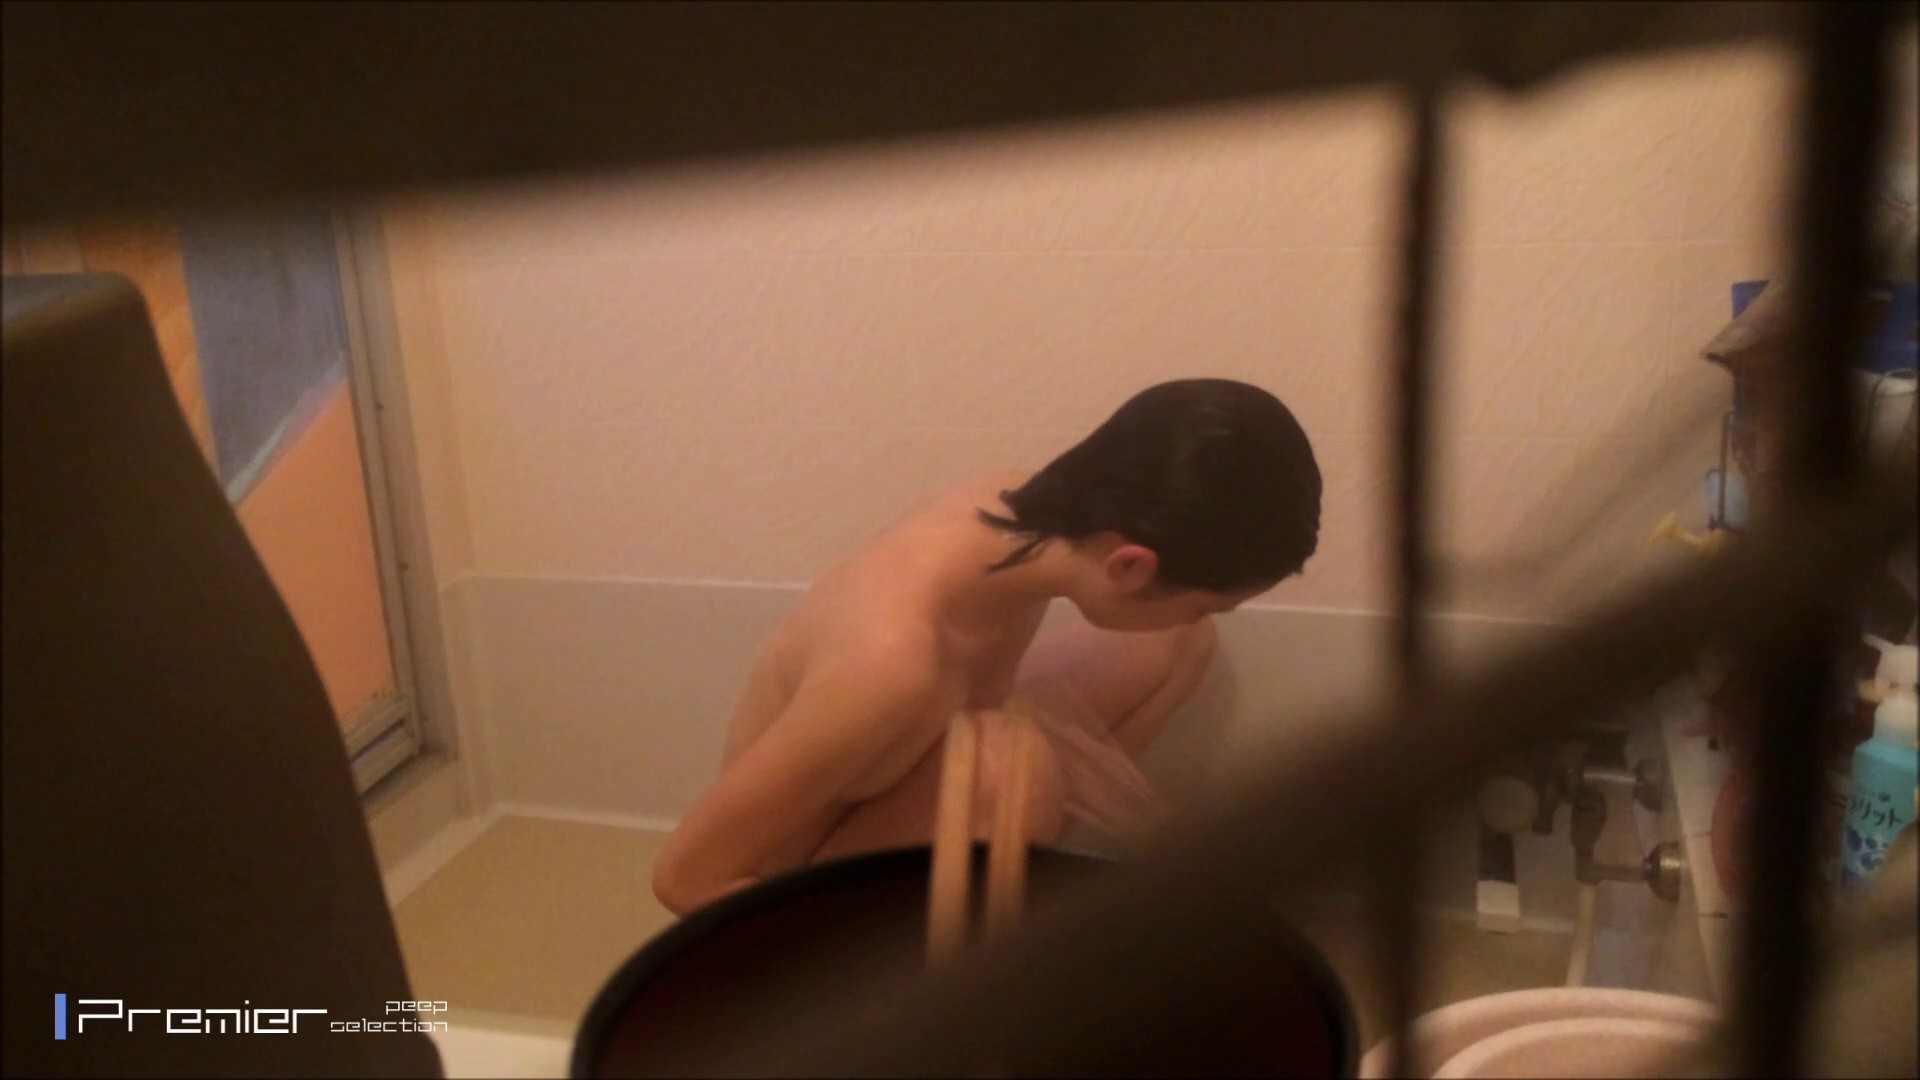 高画質フルハイビジョン スレンダー美女の入浴 乙女の風呂場 Vol.04 OLハメ撮り  94Pix 86